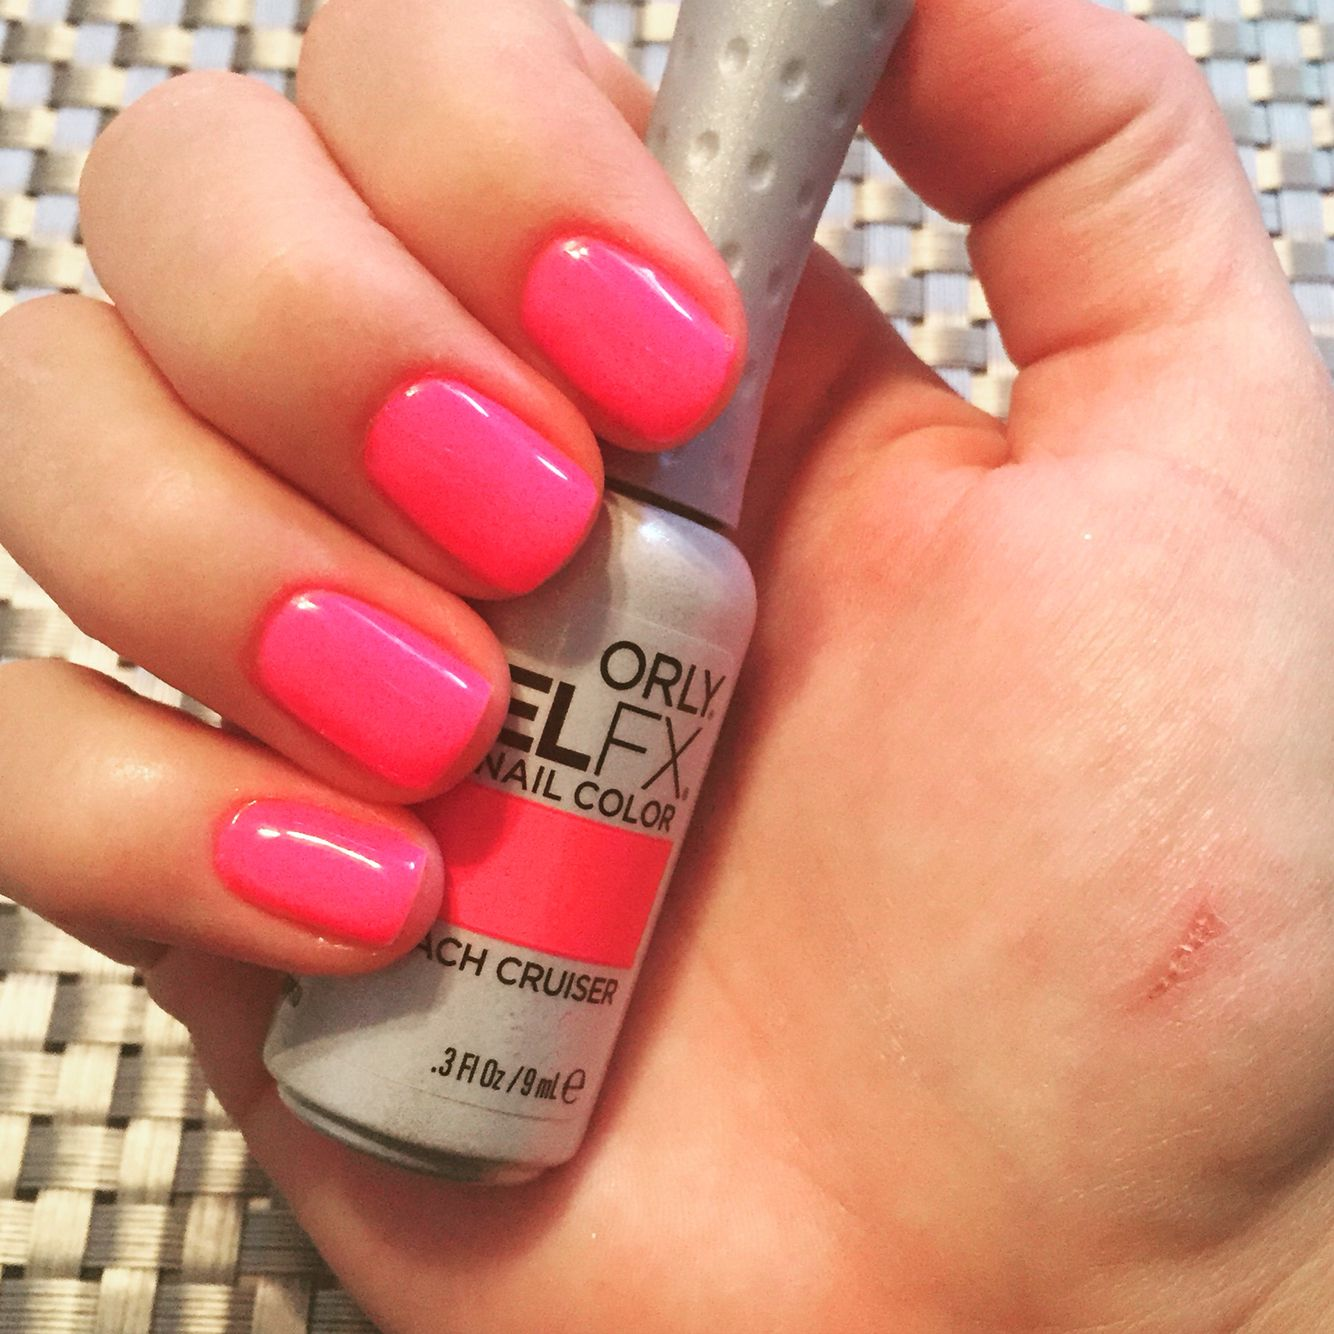 Orly Gel Polish In Beach Cruiser Gel Polish Colors Gel Polish